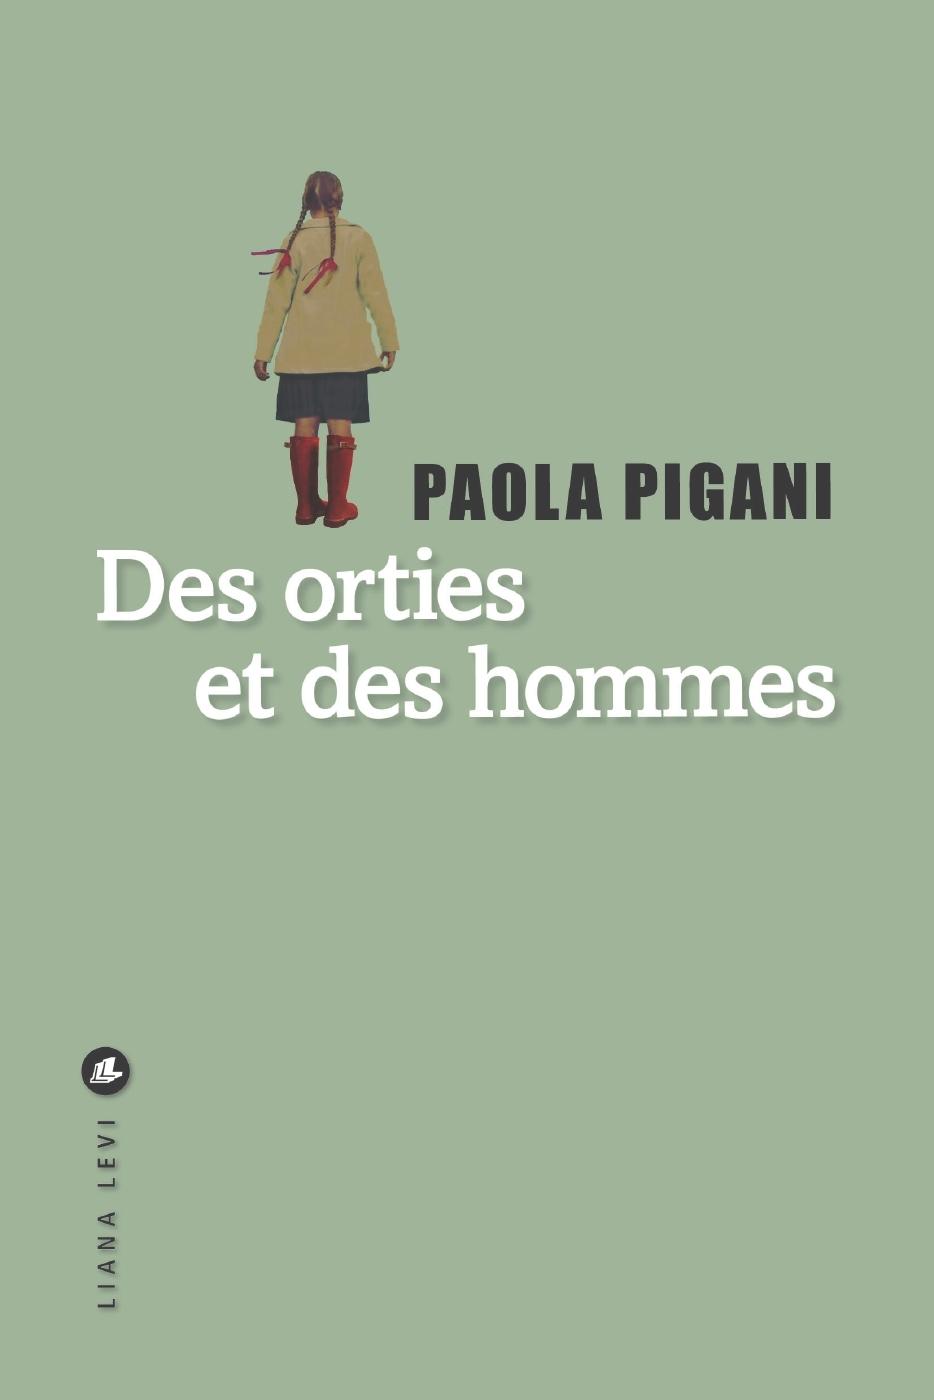 Des orties et des hommes | PIGANI, Paola